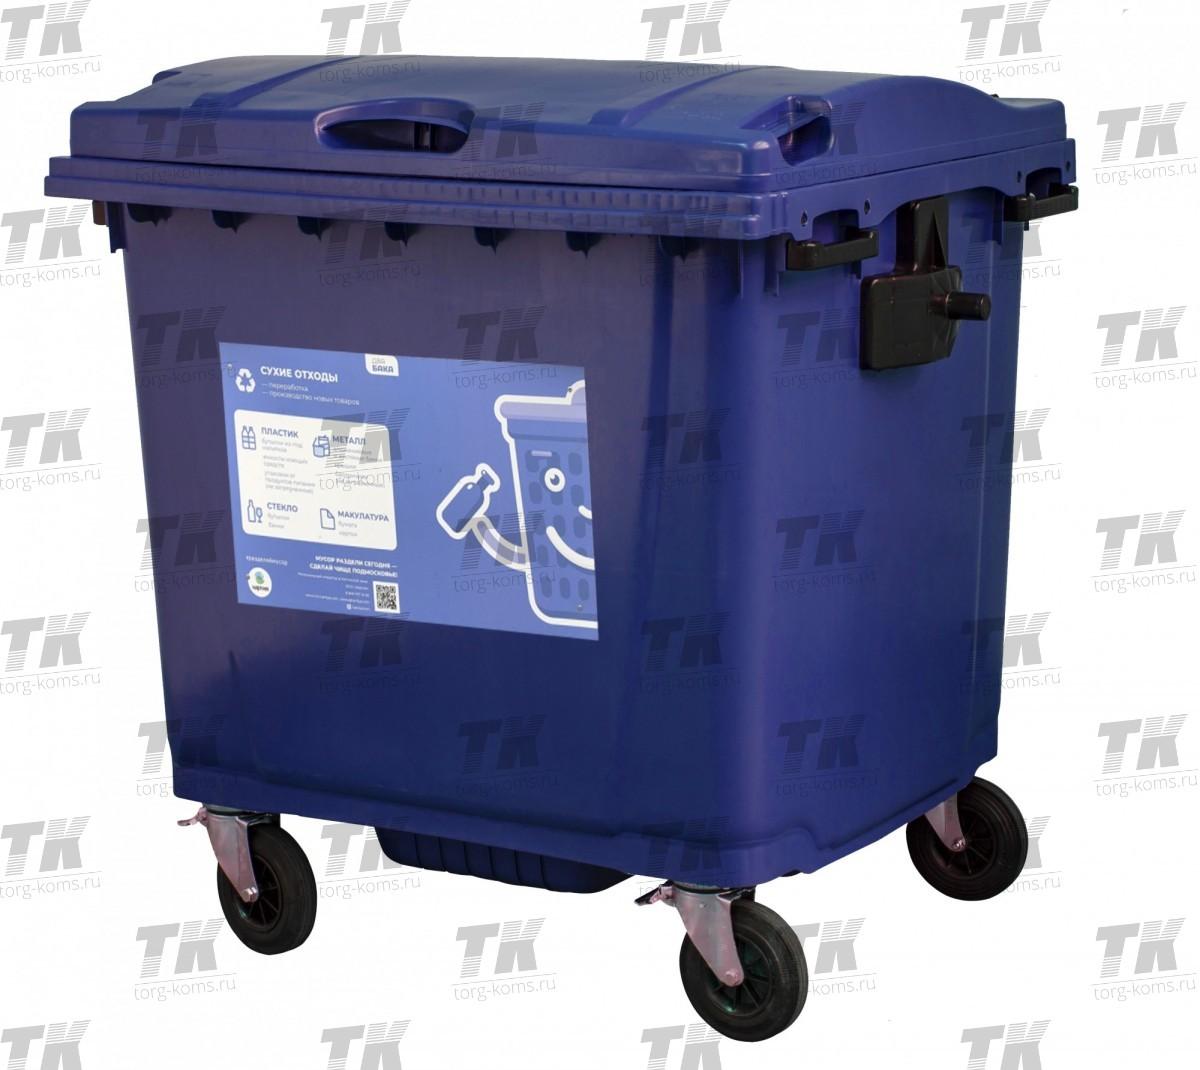 Синий бак пластиковый 1100 л для сухих отходов